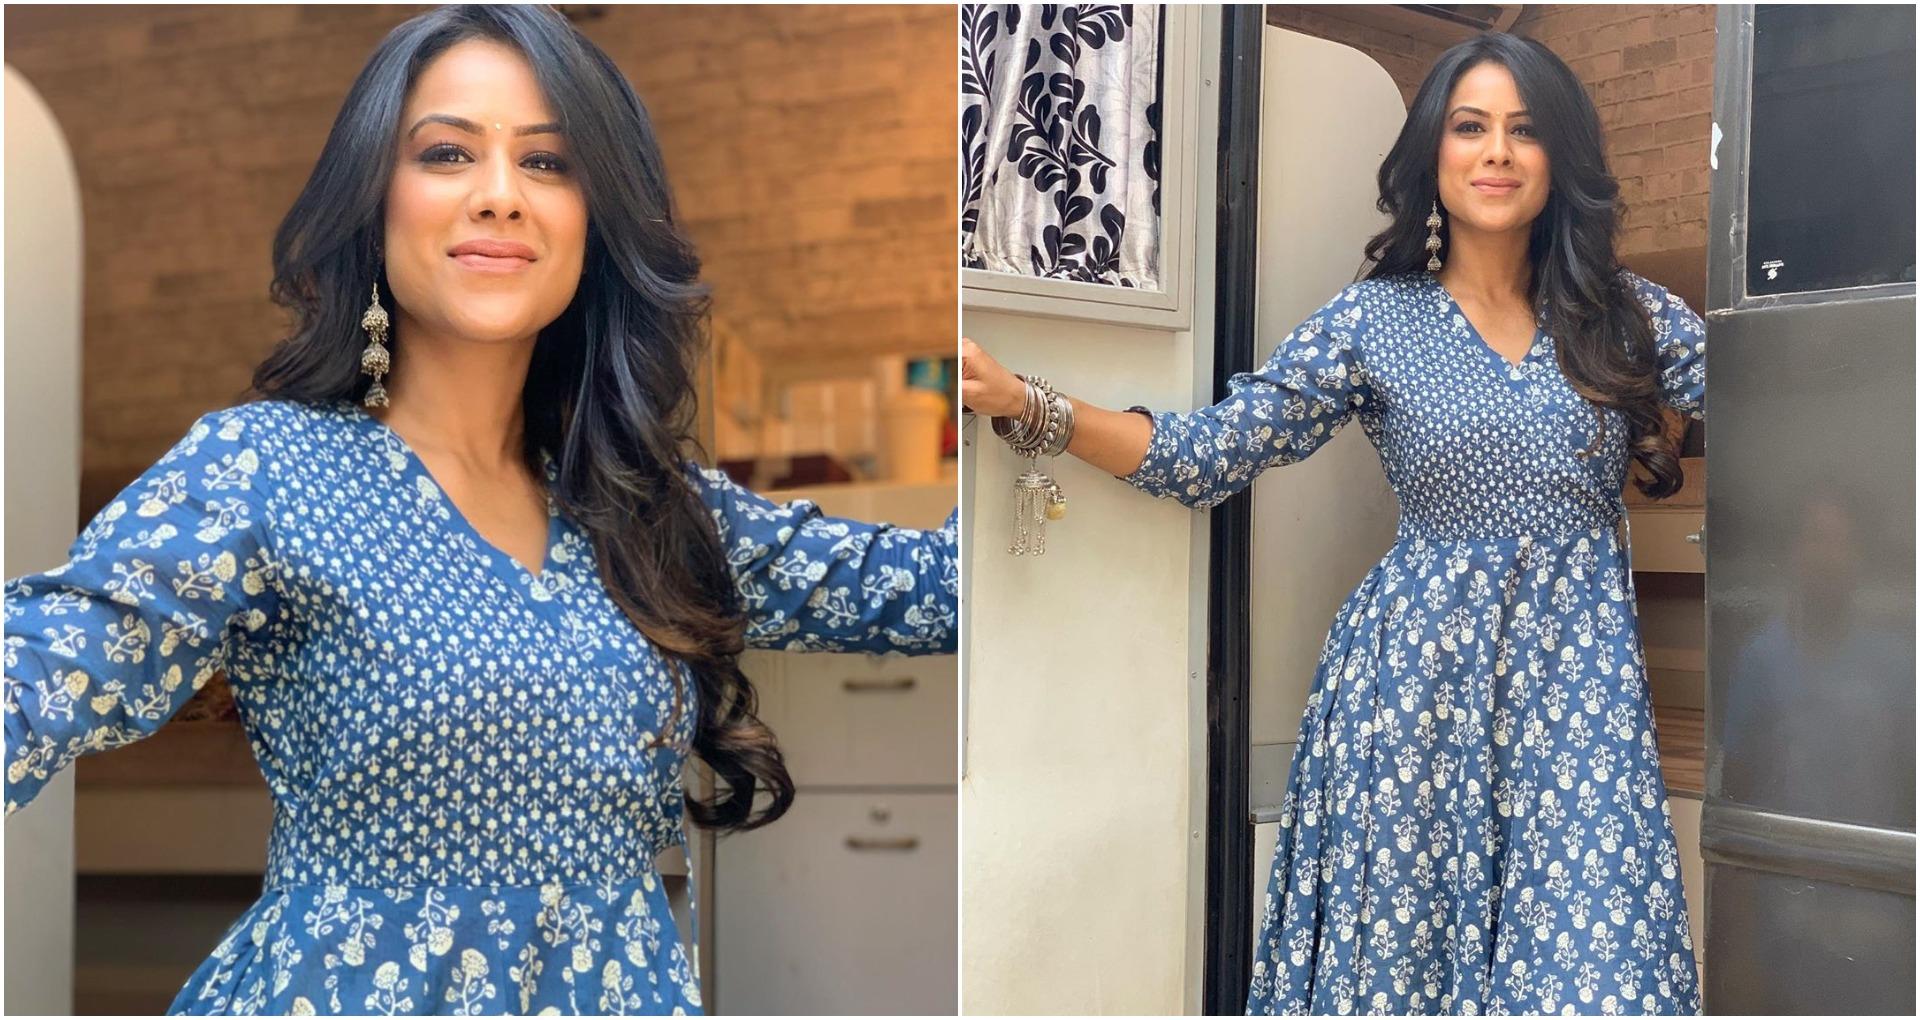 Naagin 4: मॉडर्न ही नहीं इंडियन अवतार में भी हॉट लगती हैं नागिन 4 की अभिनेत्री निया शर्मा, देखें तस्वीर